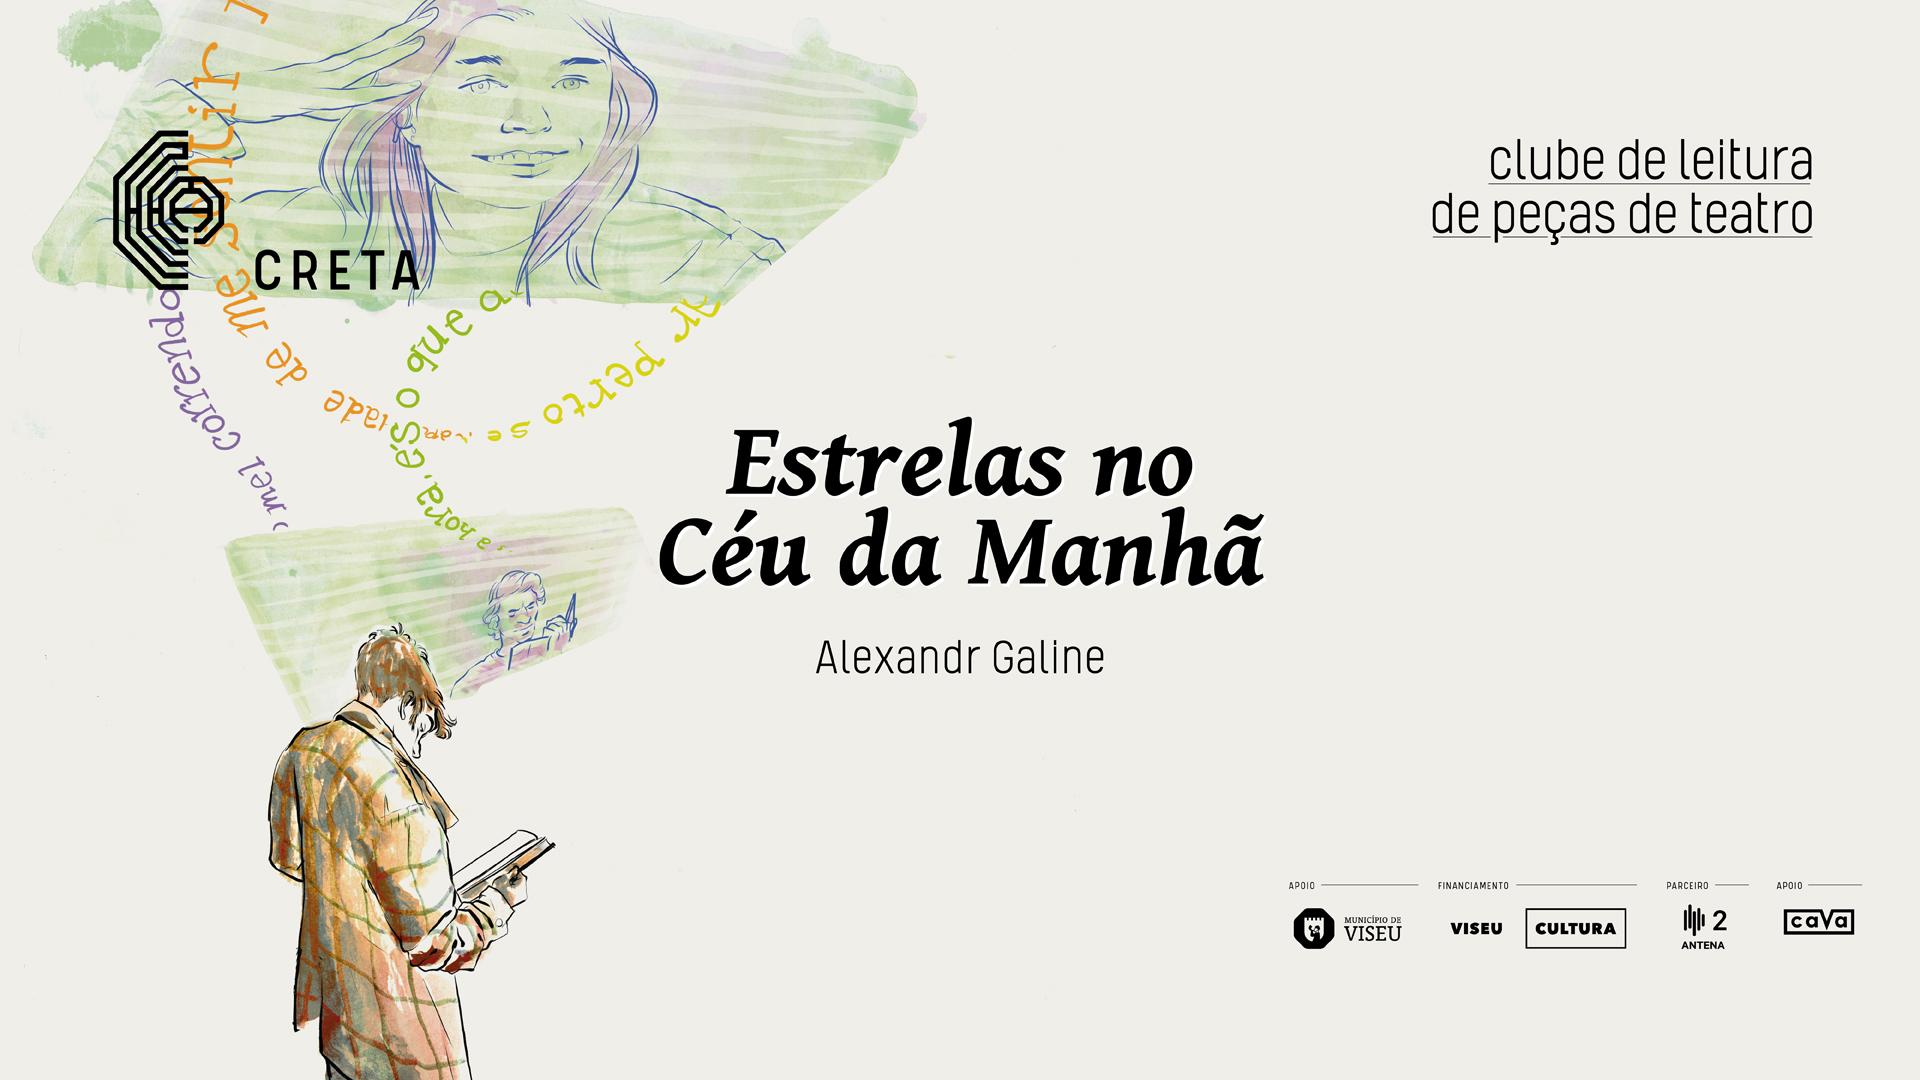 Clube de Leitura de Peças de Teatro: 'Estrelas no céu da manhã' de Alexandr Galine